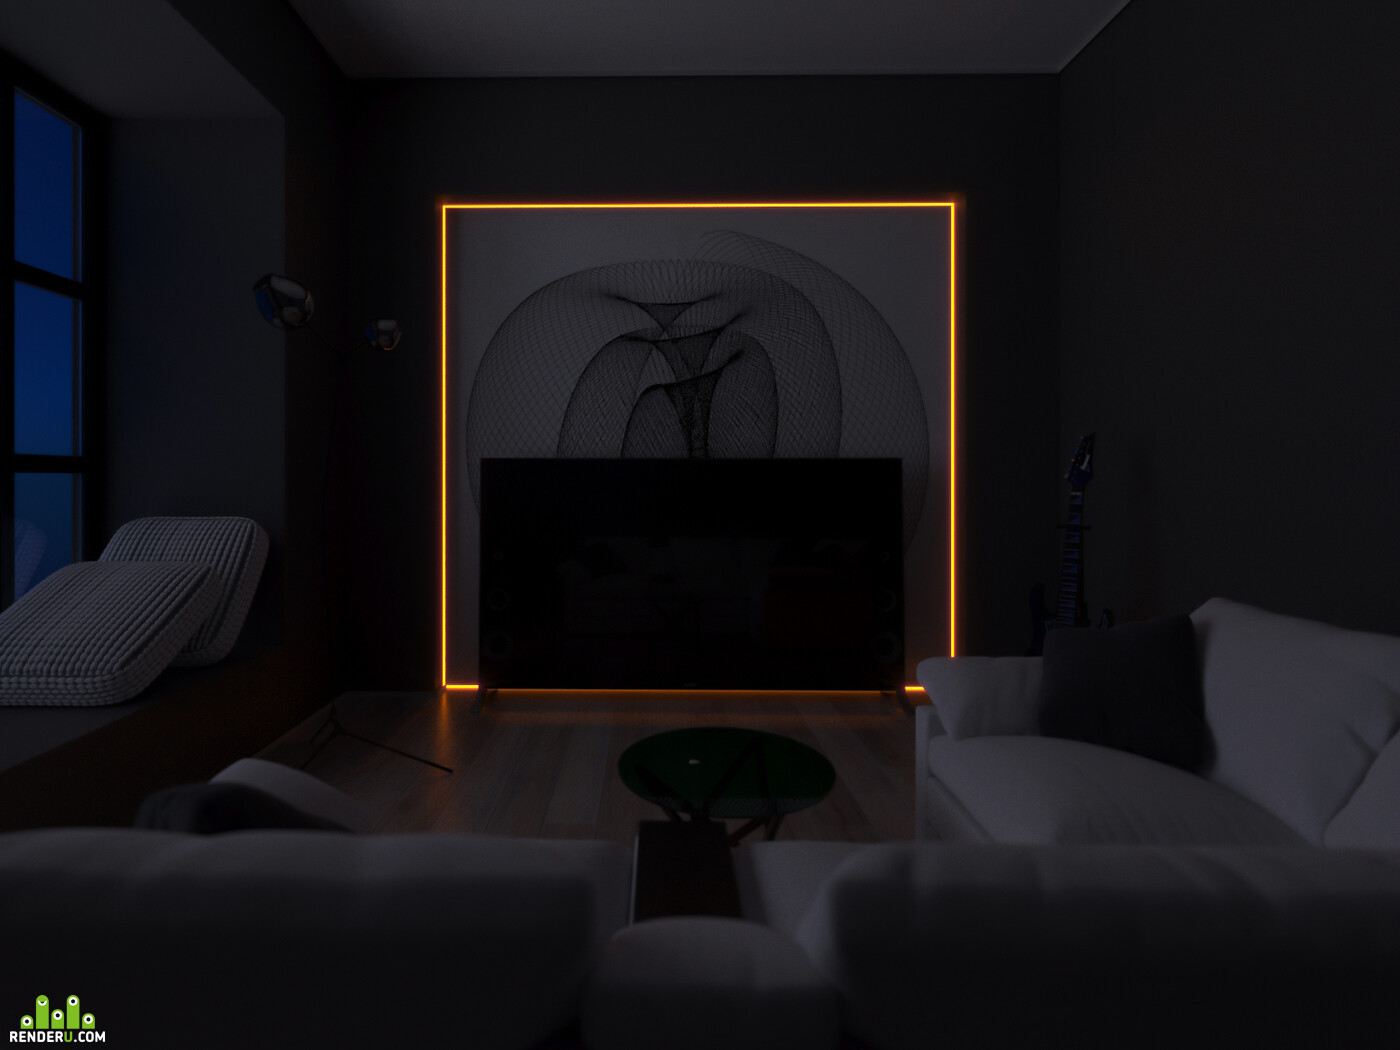 3д визуализация, визуализация, архитектура, интерьер, корона, минимализм, 3дмакс, 3д визуализация интерьера, визуализация интерьера